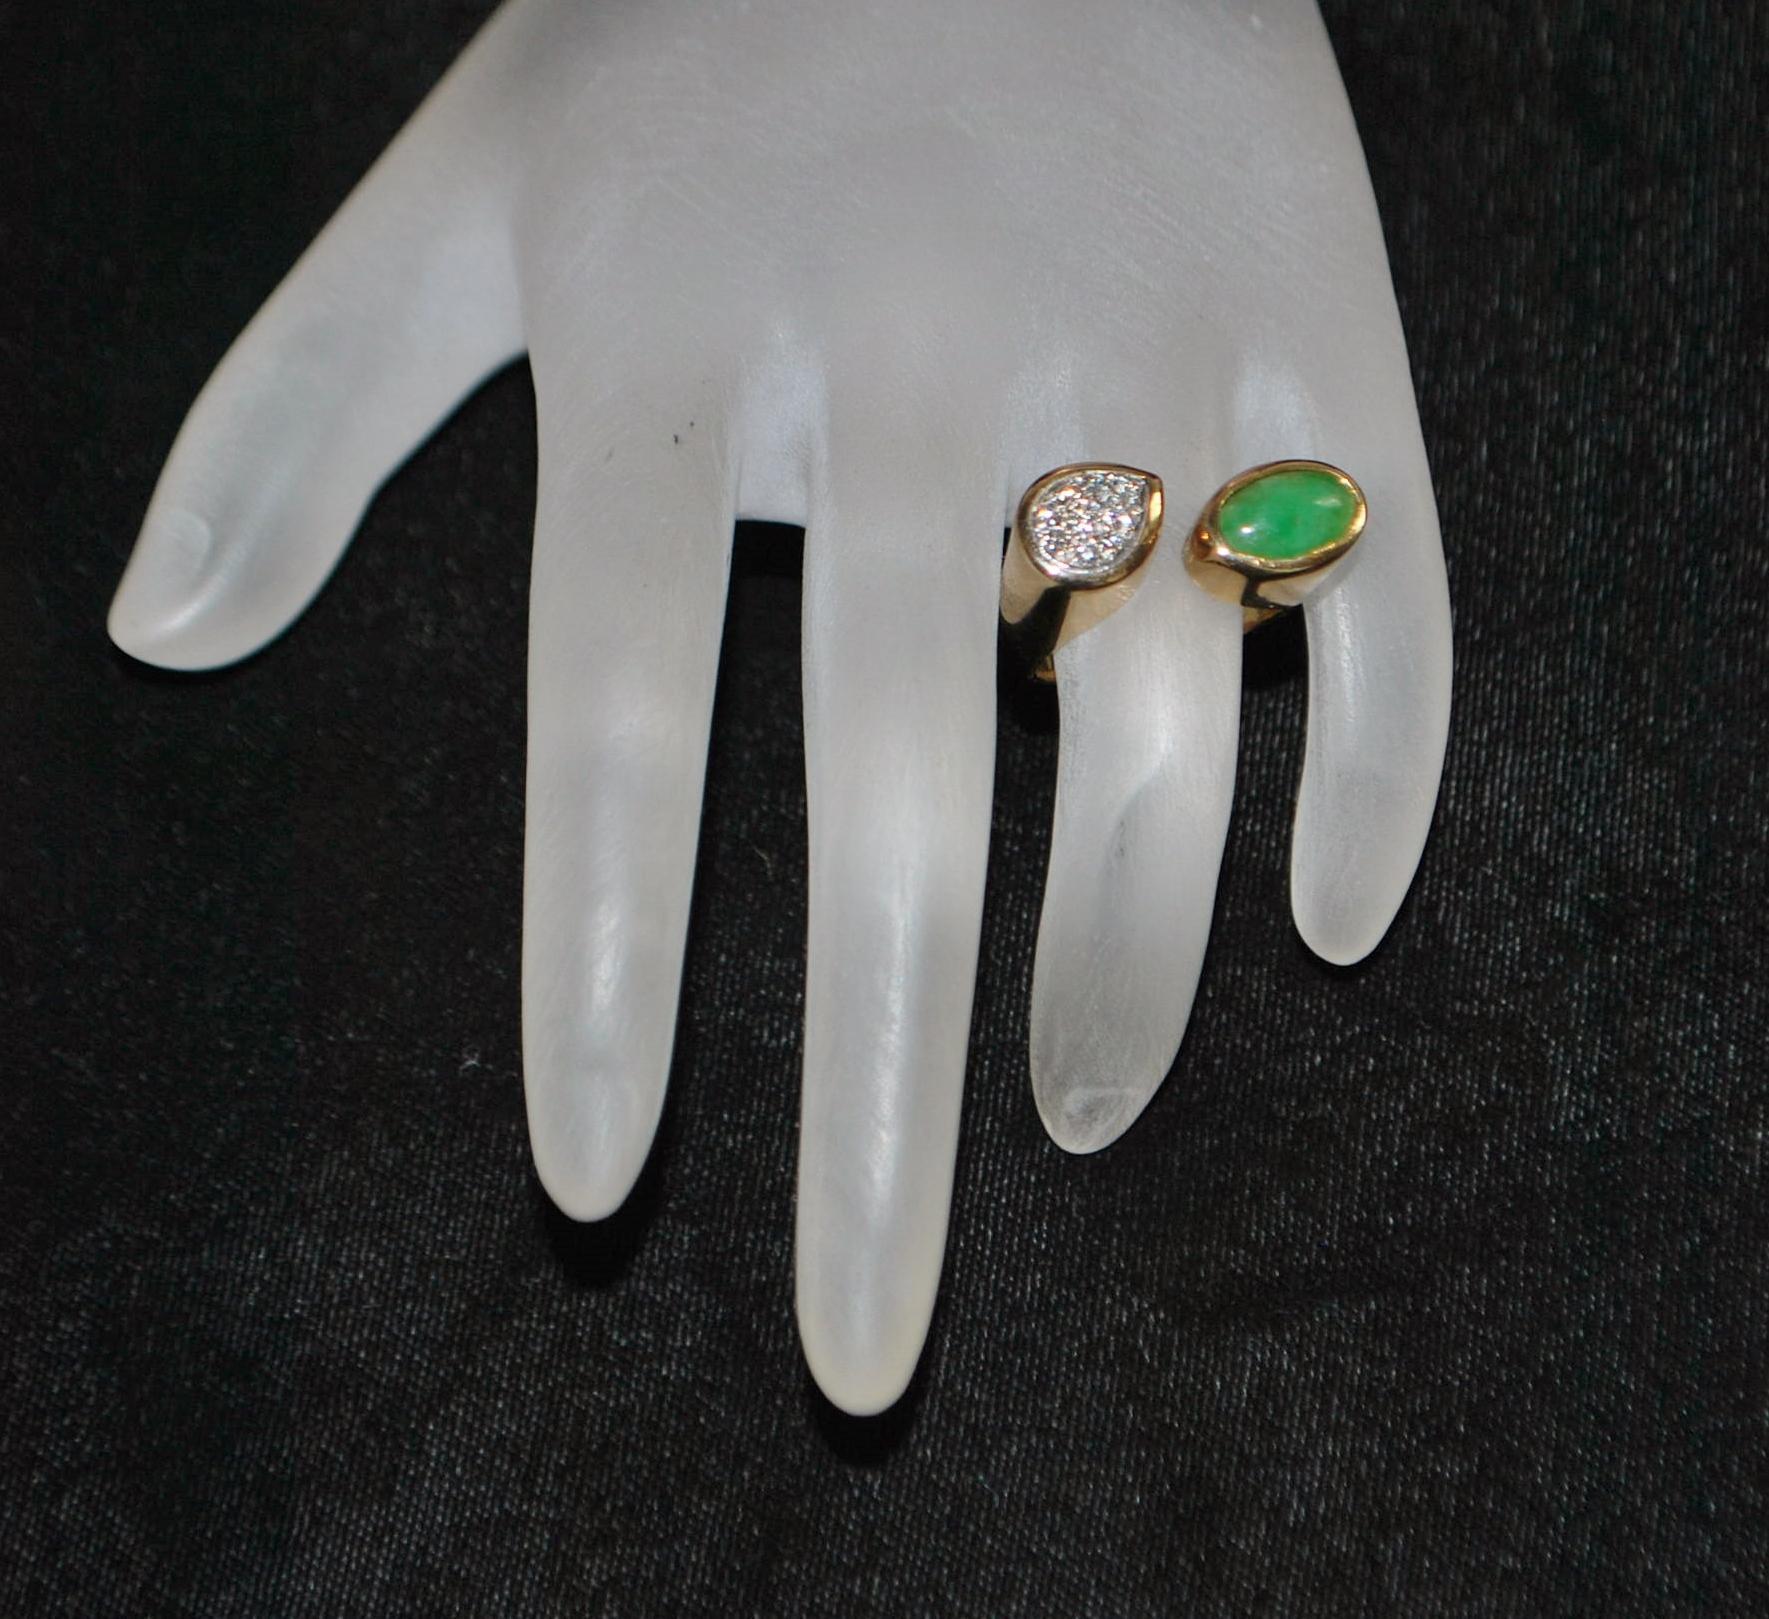 14K Retro Apple Green Jade and Pave Diamond Ring